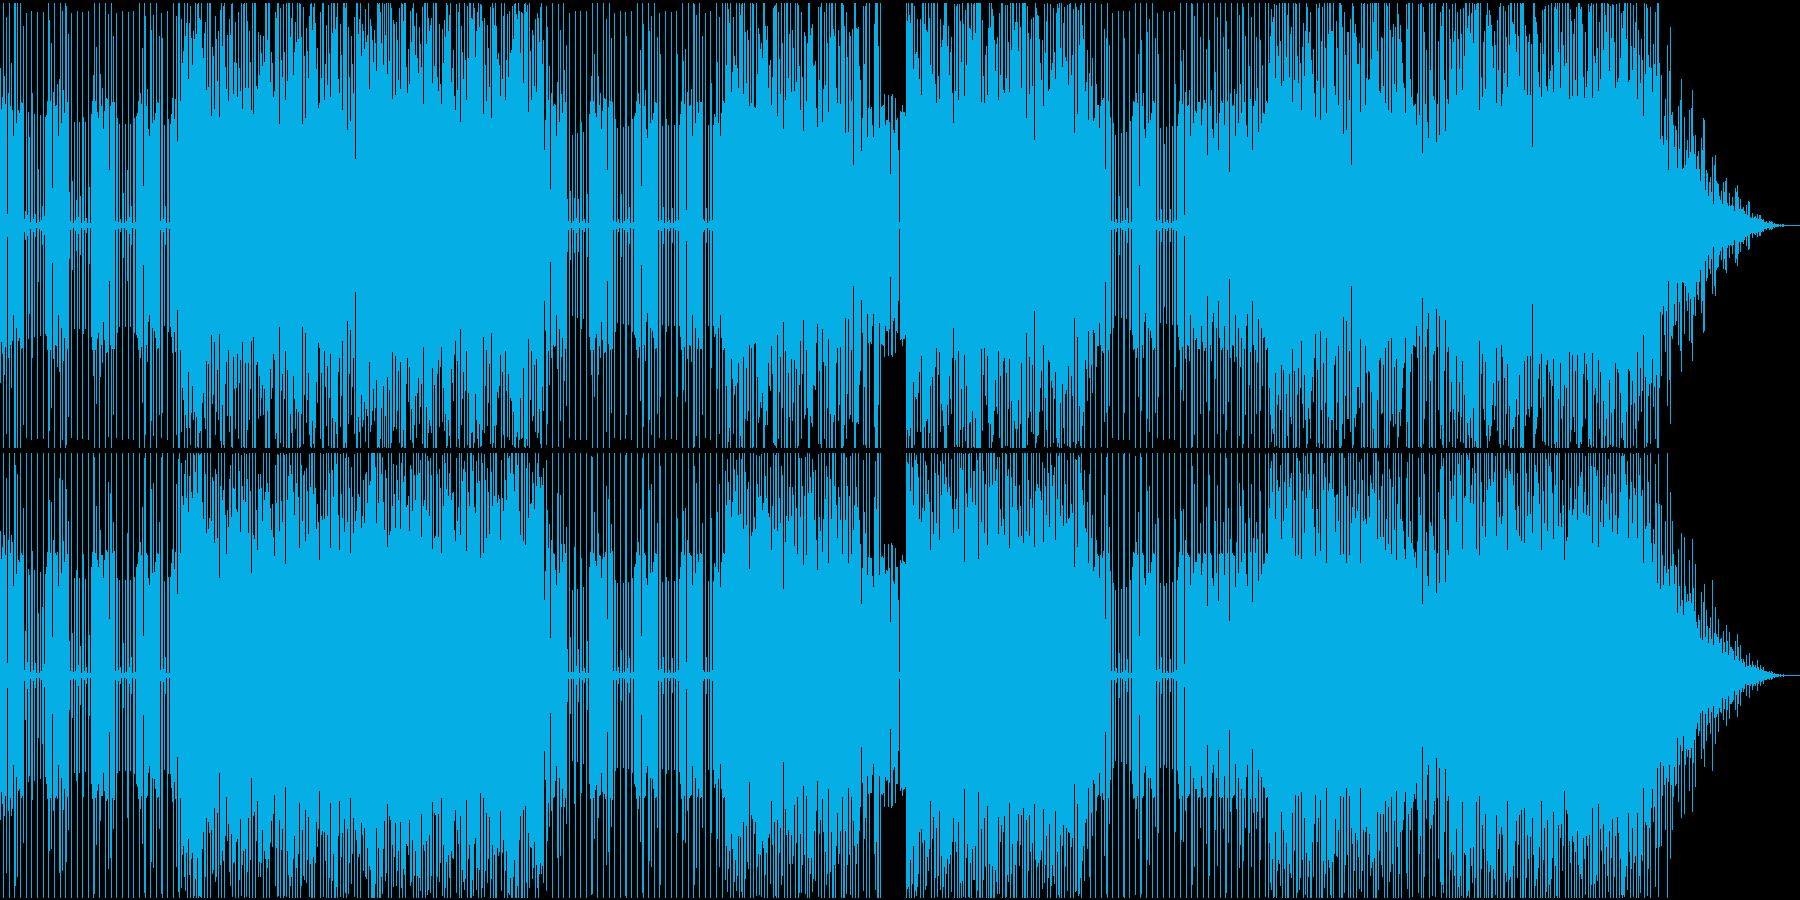 太いエレキベースが特徴のファンクハウスの再生済みの波形